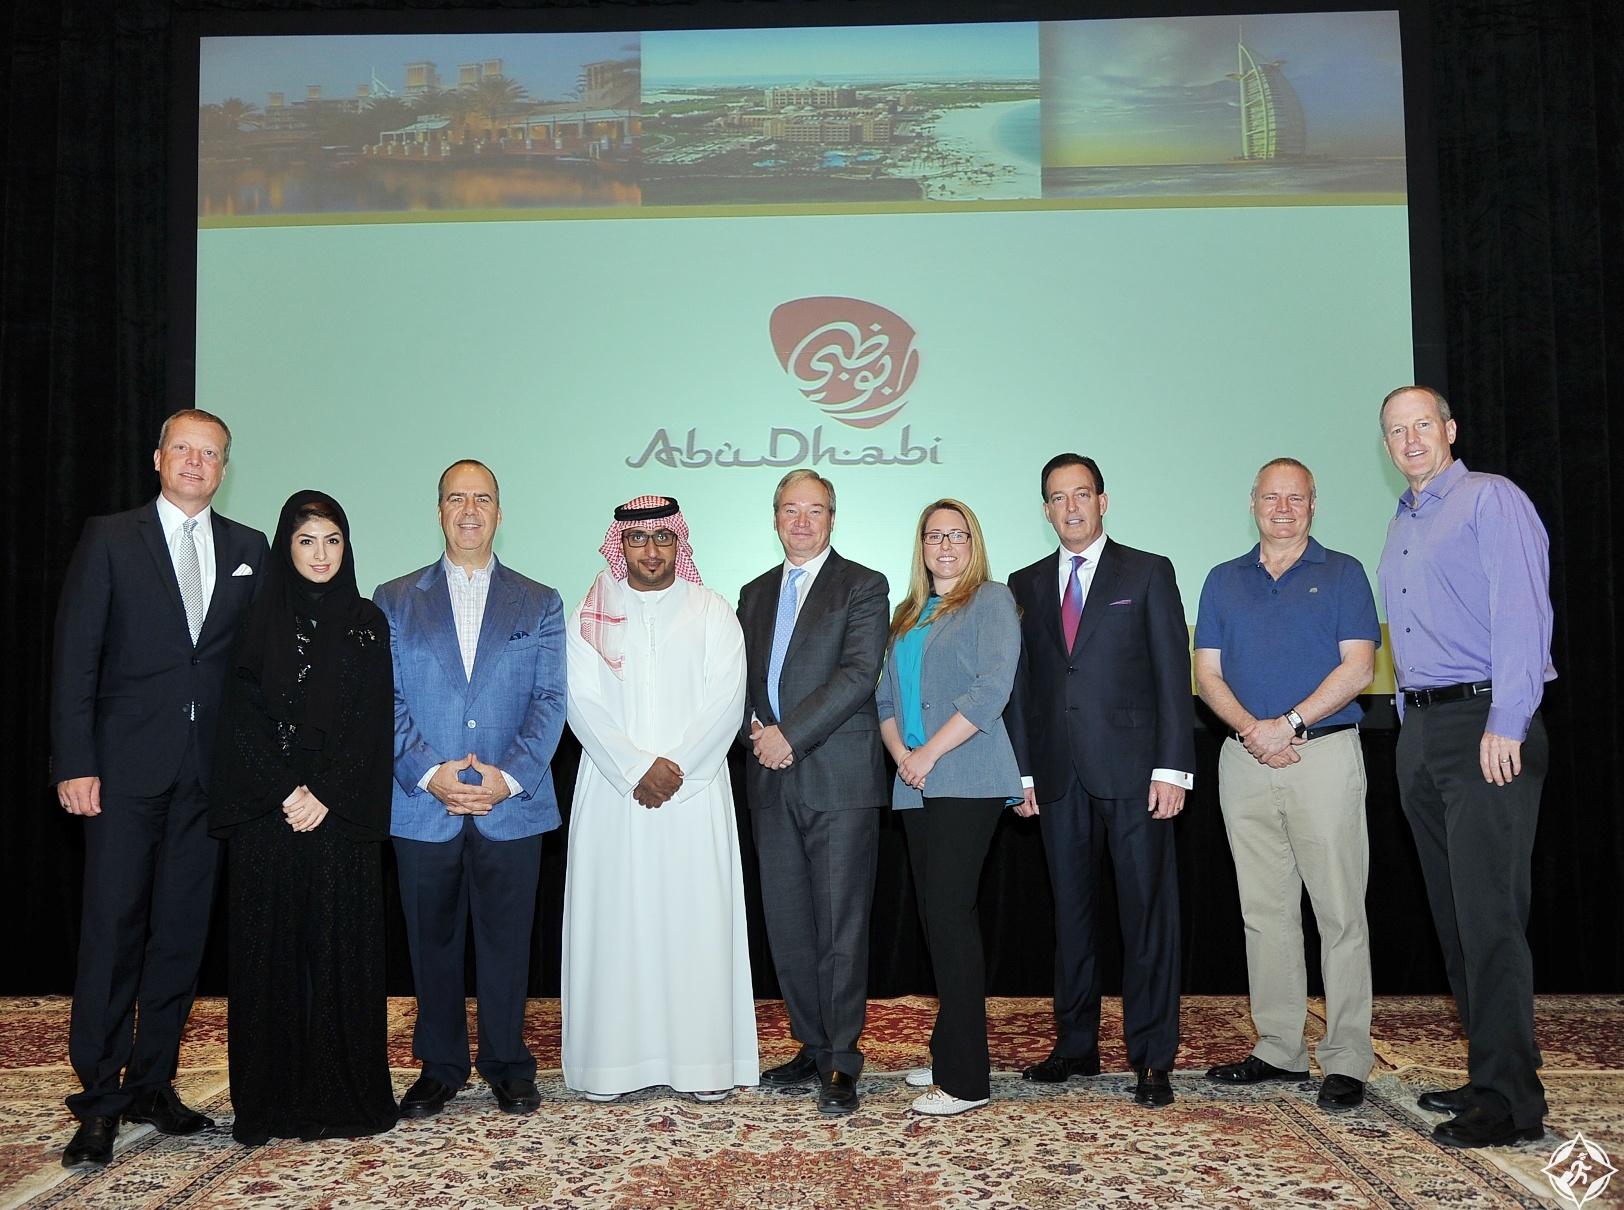 فعاليات فيرتشيوسو للسياحة الفاخرة تقام في الإمارات